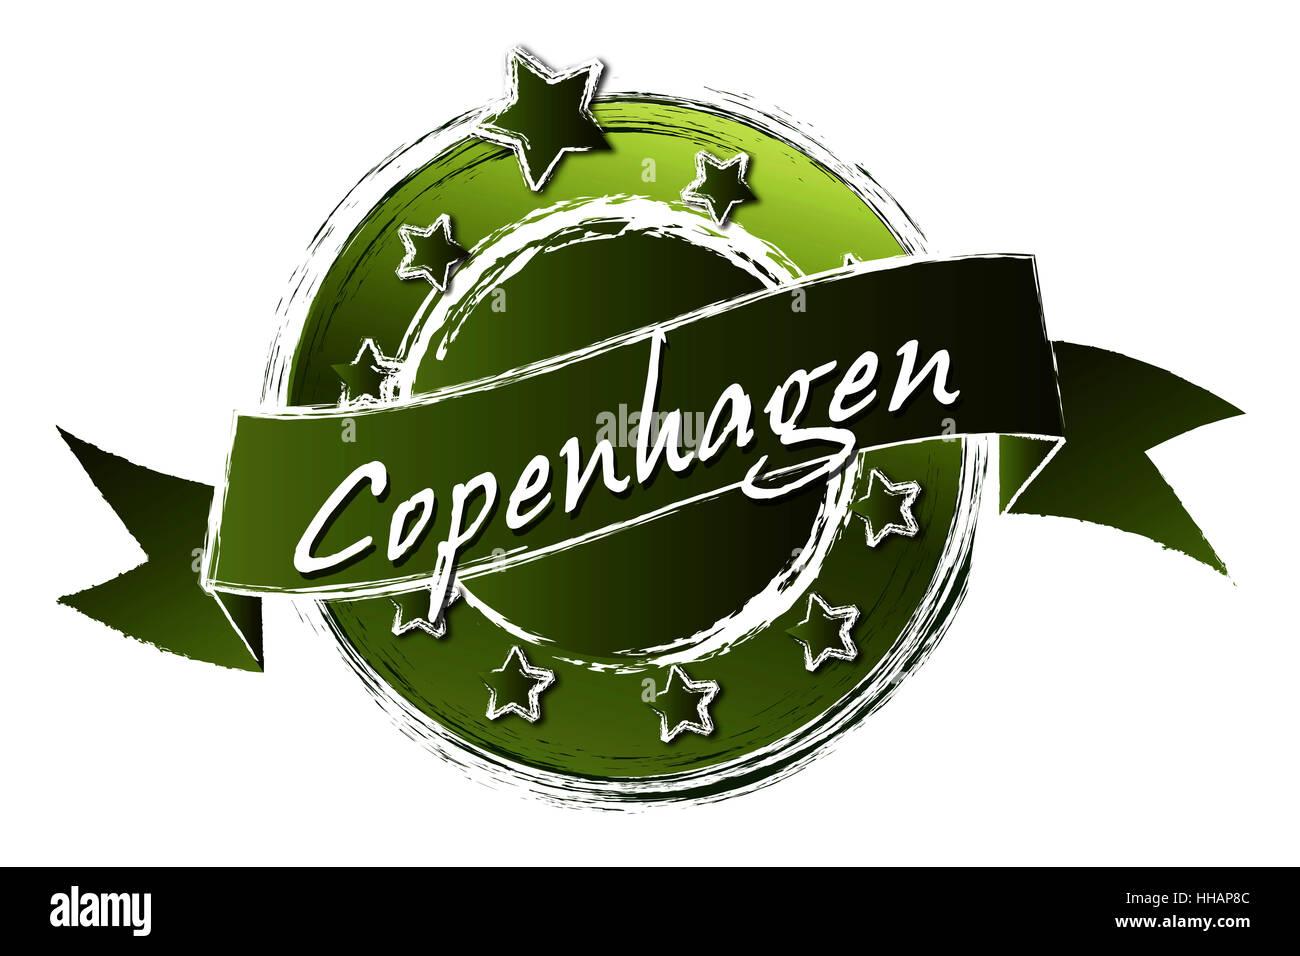 Königliche Grunge - Kopenhagen Stockfoto